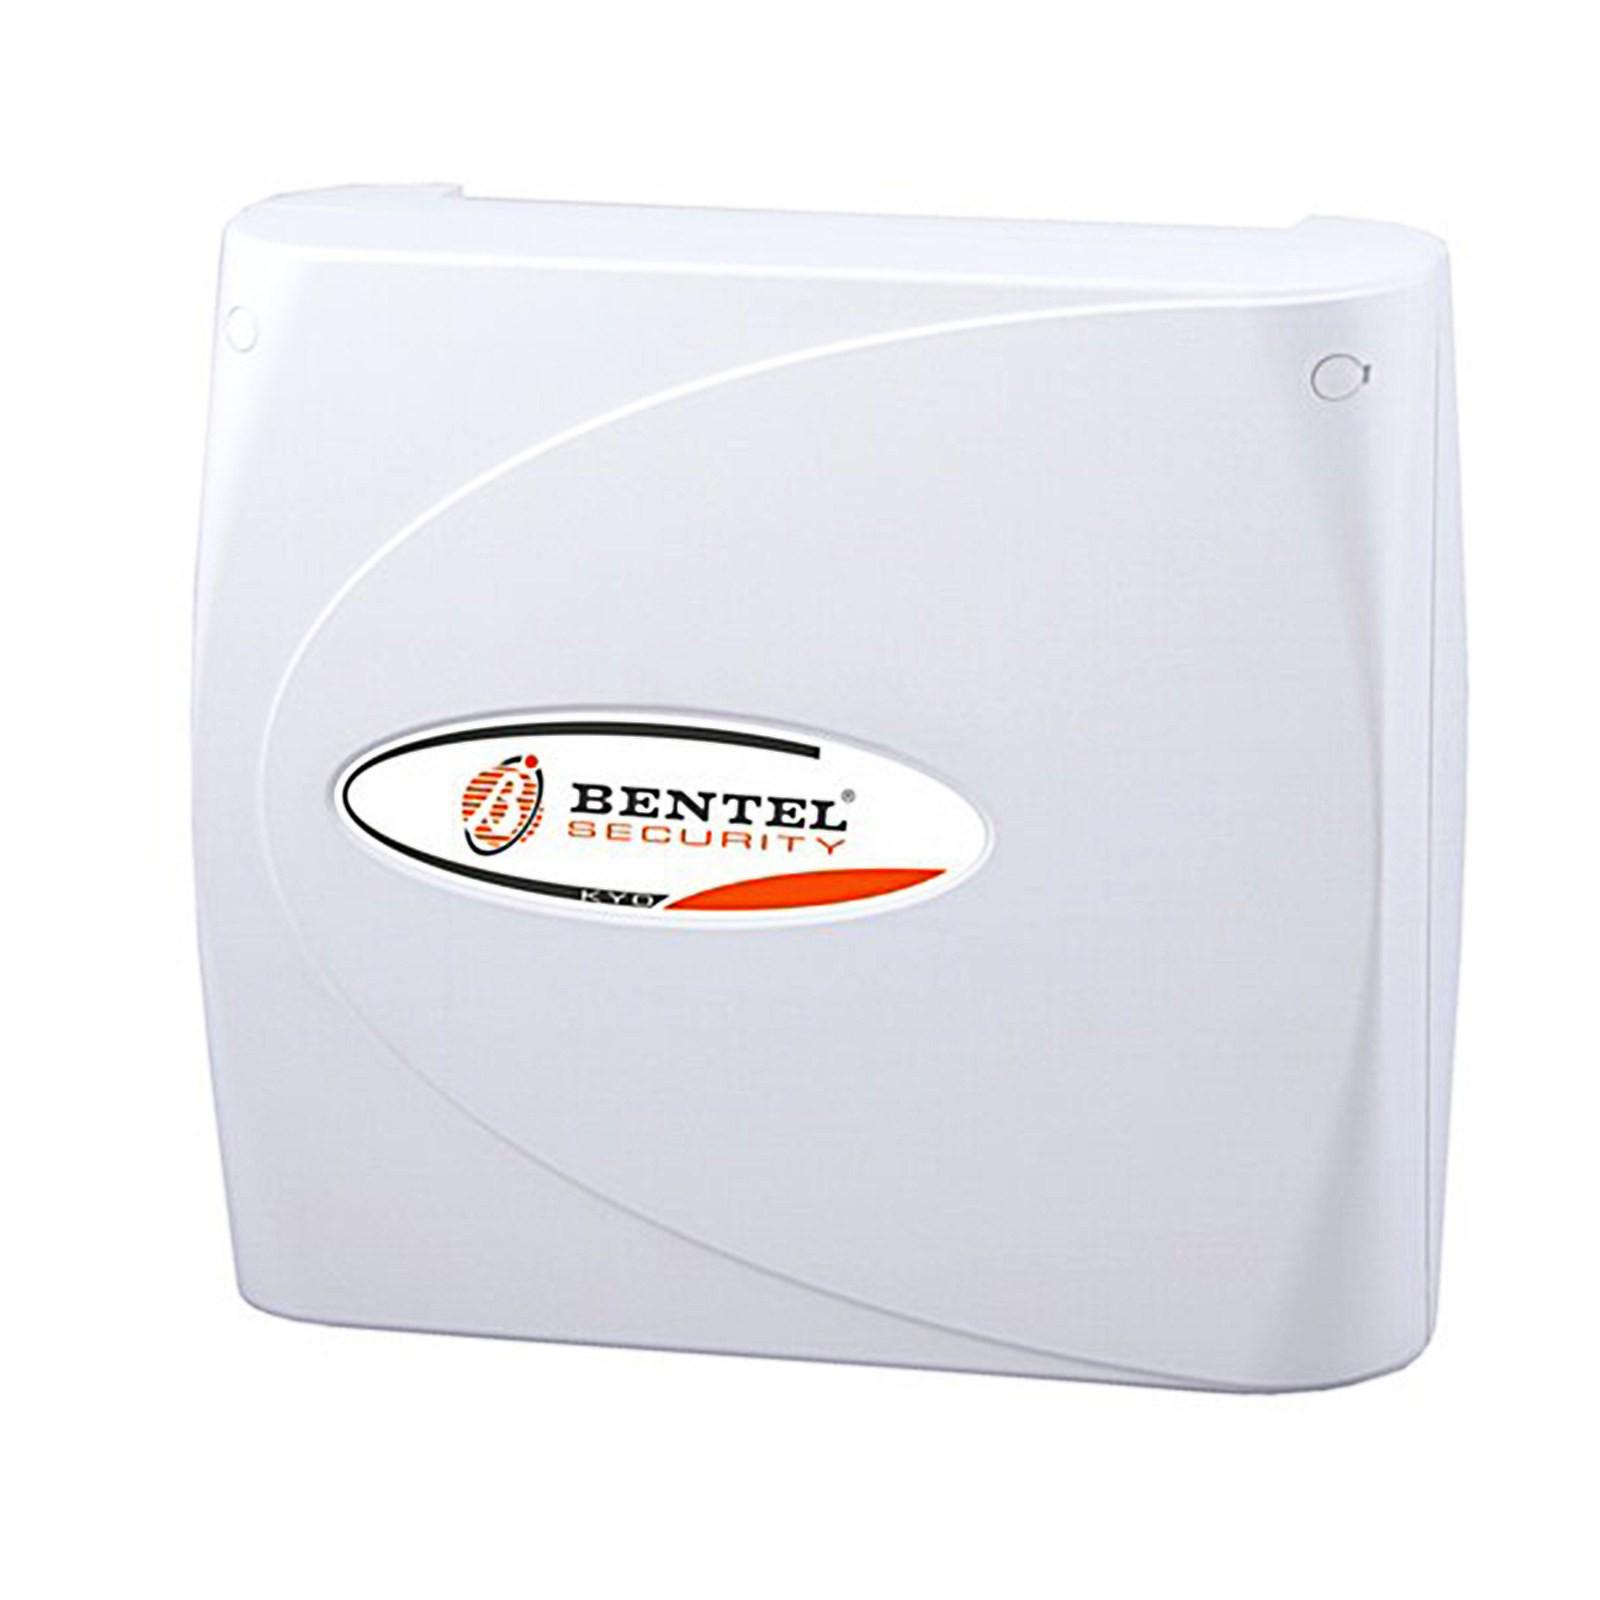 Kit allarme antifurto bentel casa centrale kyo8 impianto for Bentel kyo 320 prezzo